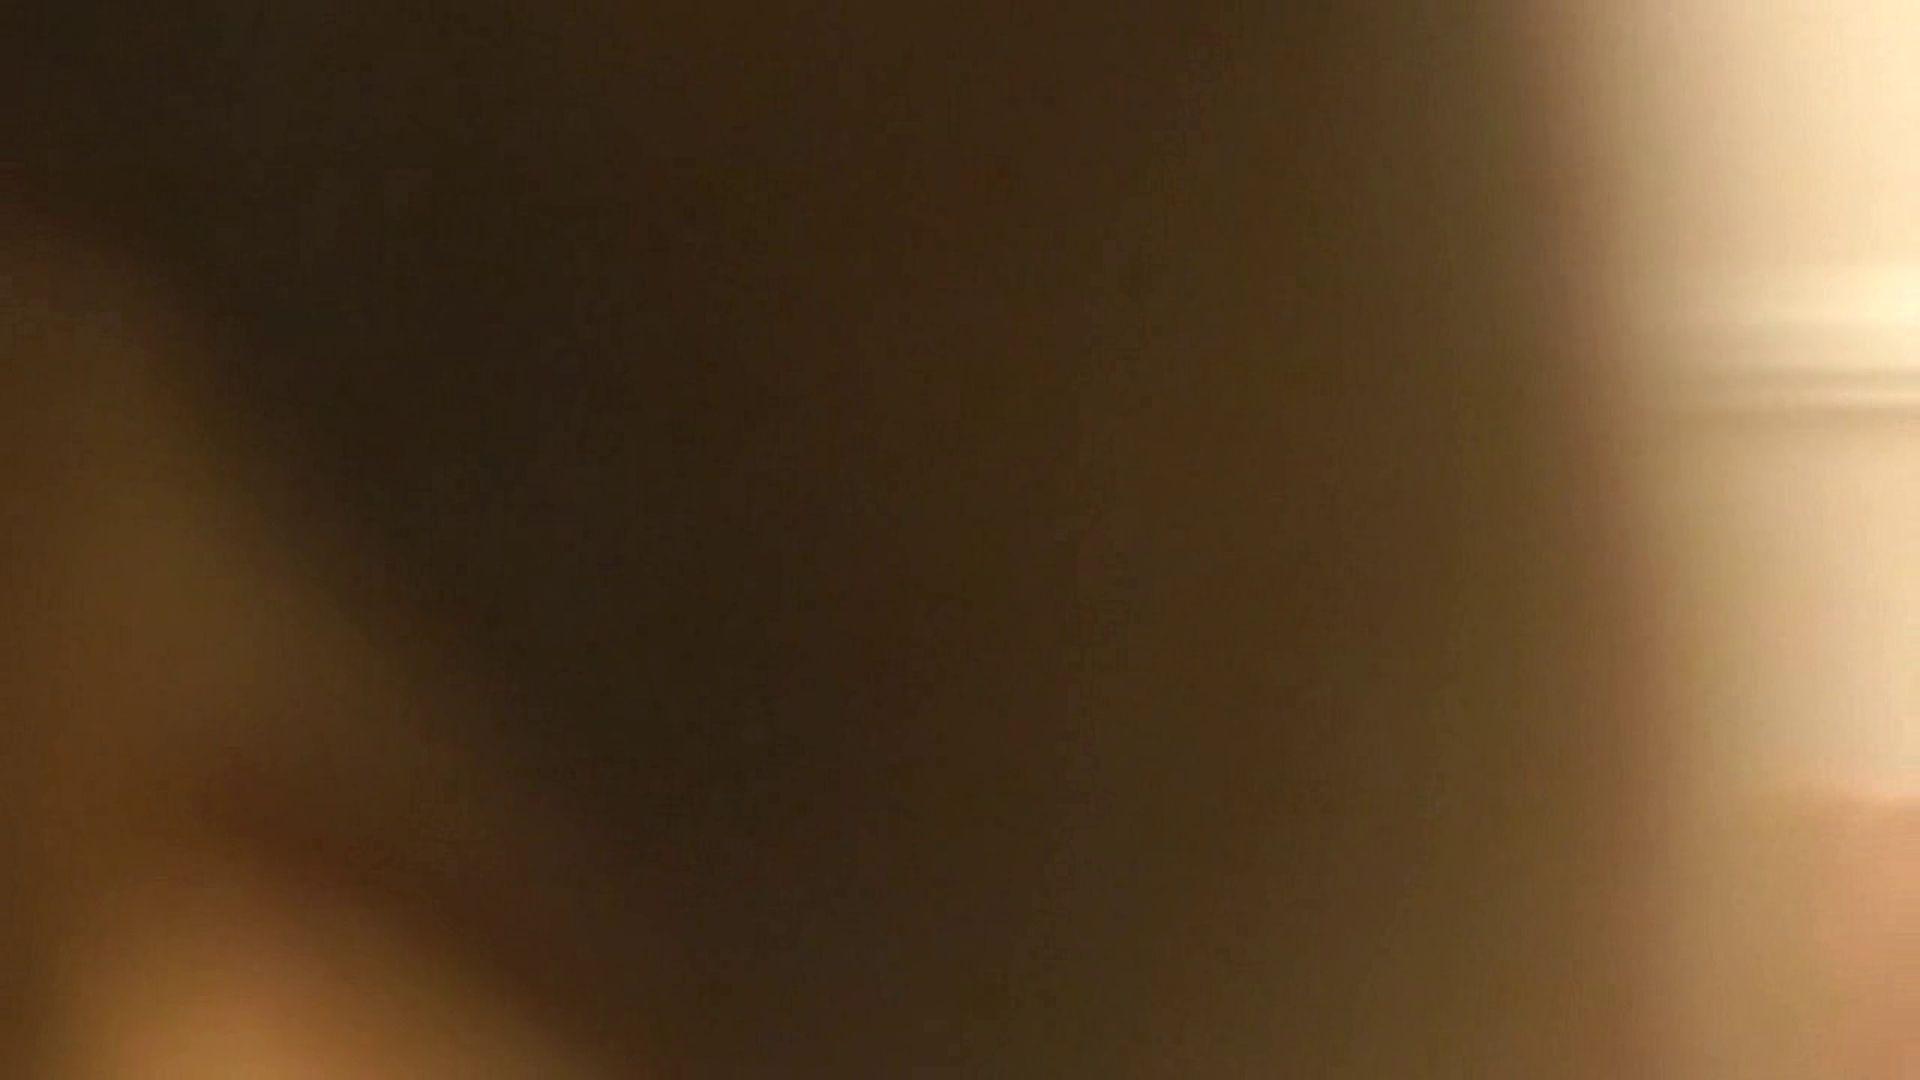 vol.1 Mayumi 窓越しに入浴シーン撮影に成功 OL   入浴シーン  89連発 47